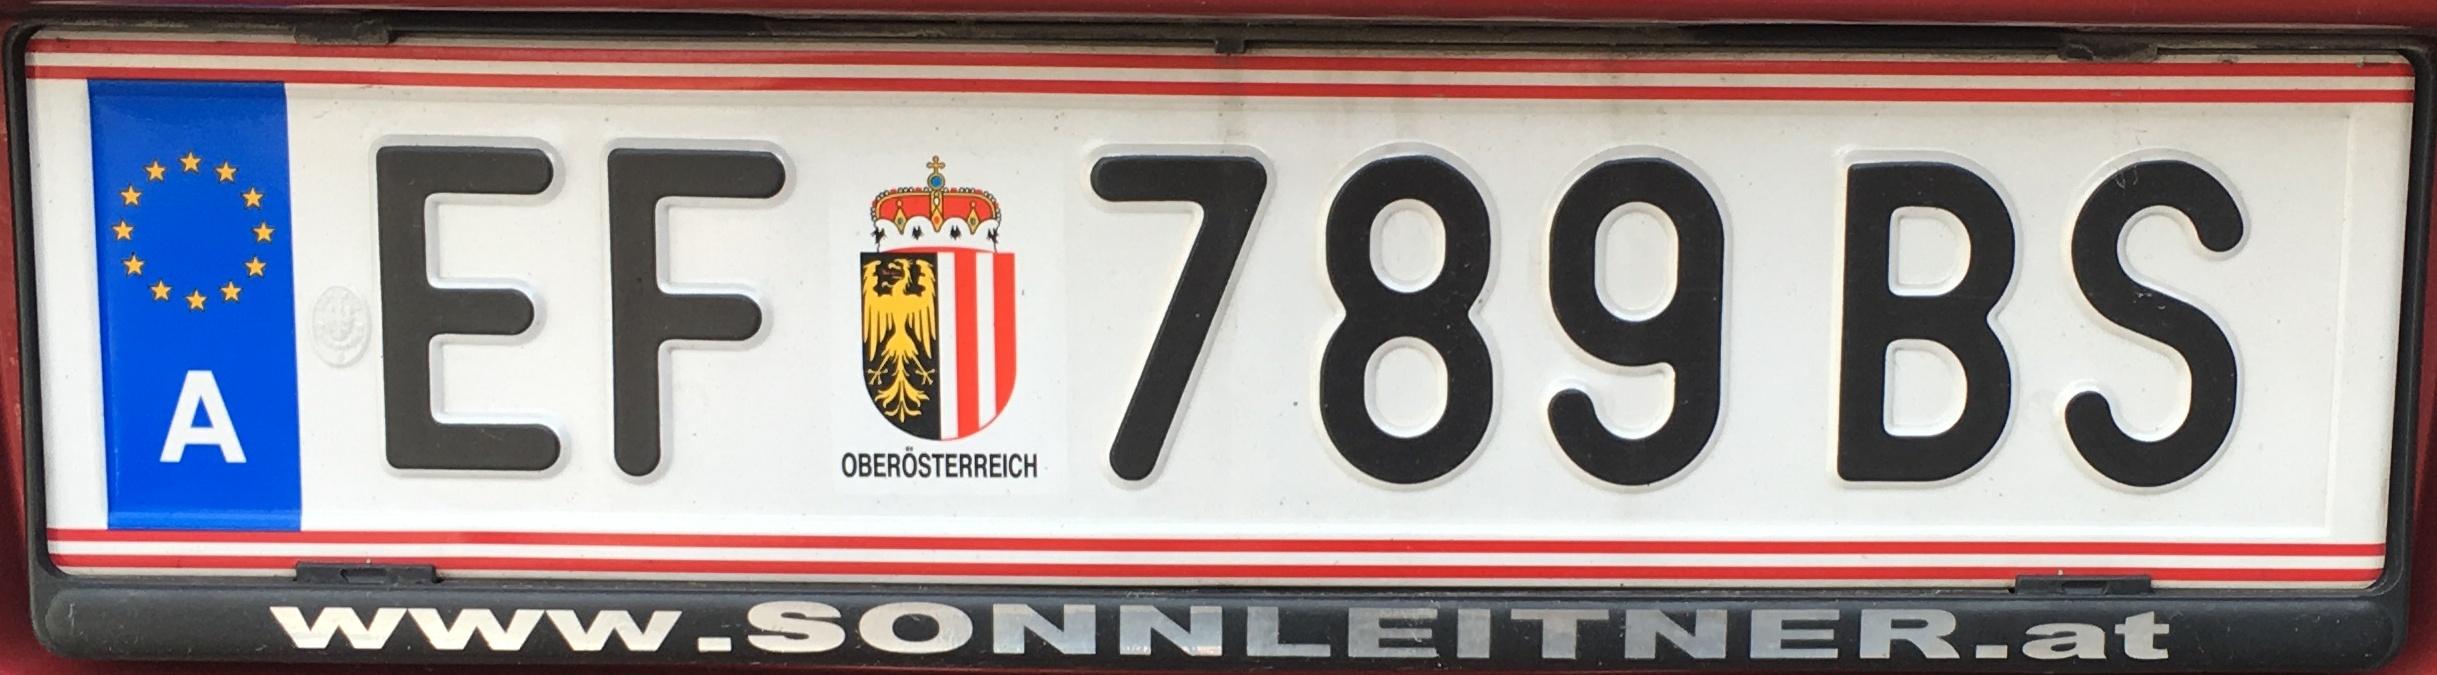 Registrační značka Rakousko - EF - Eferding, foto: vlastní